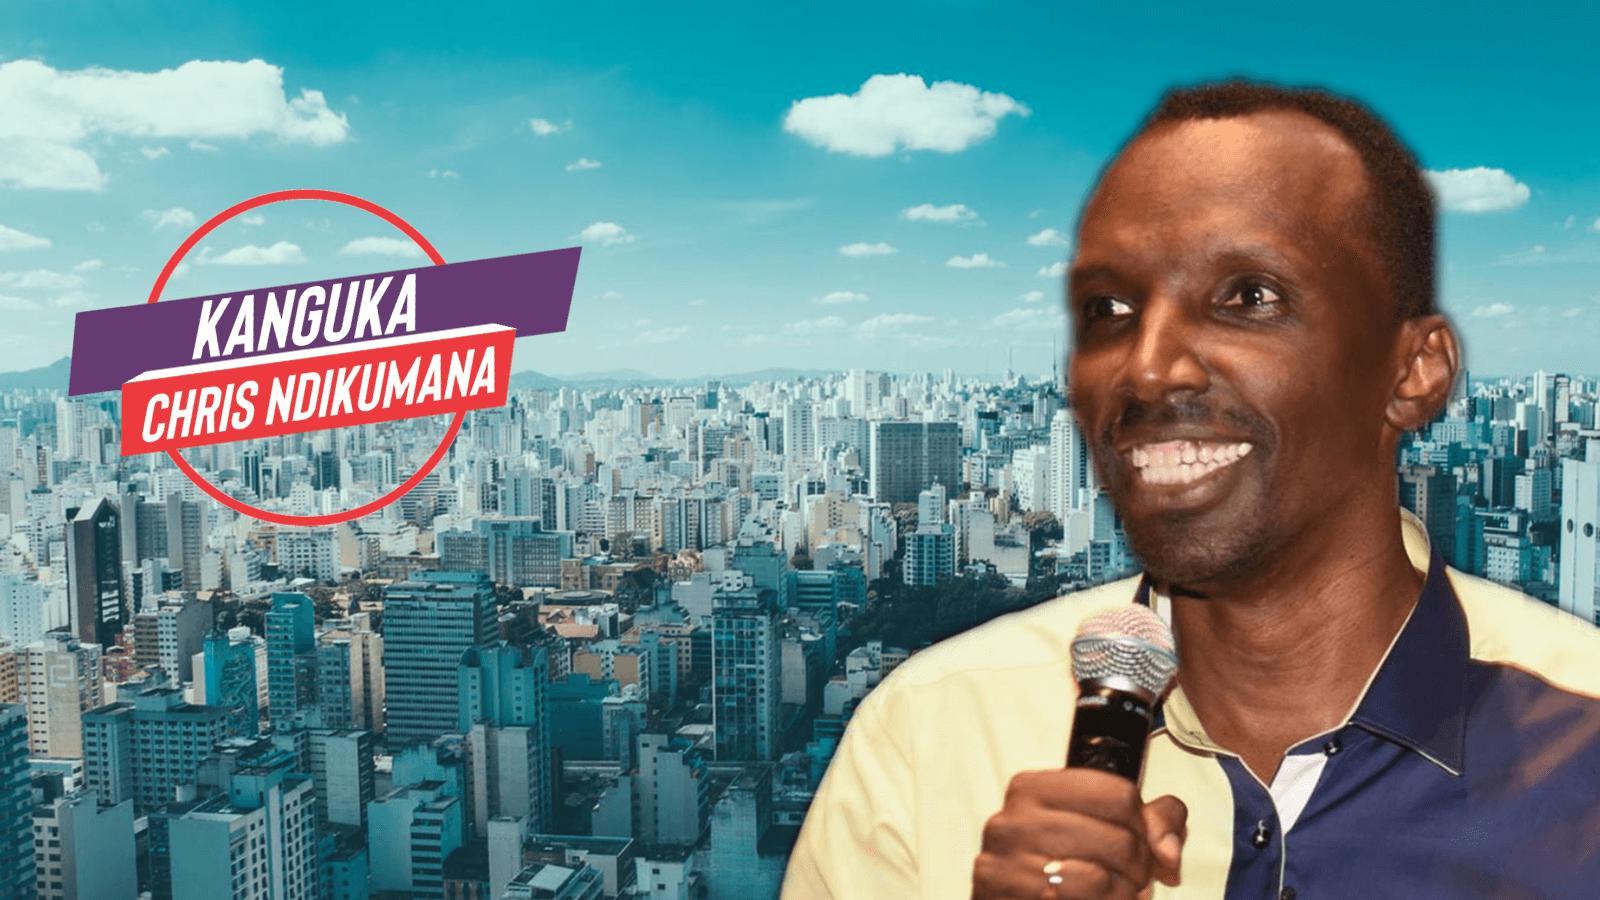 Chris Ndikumana